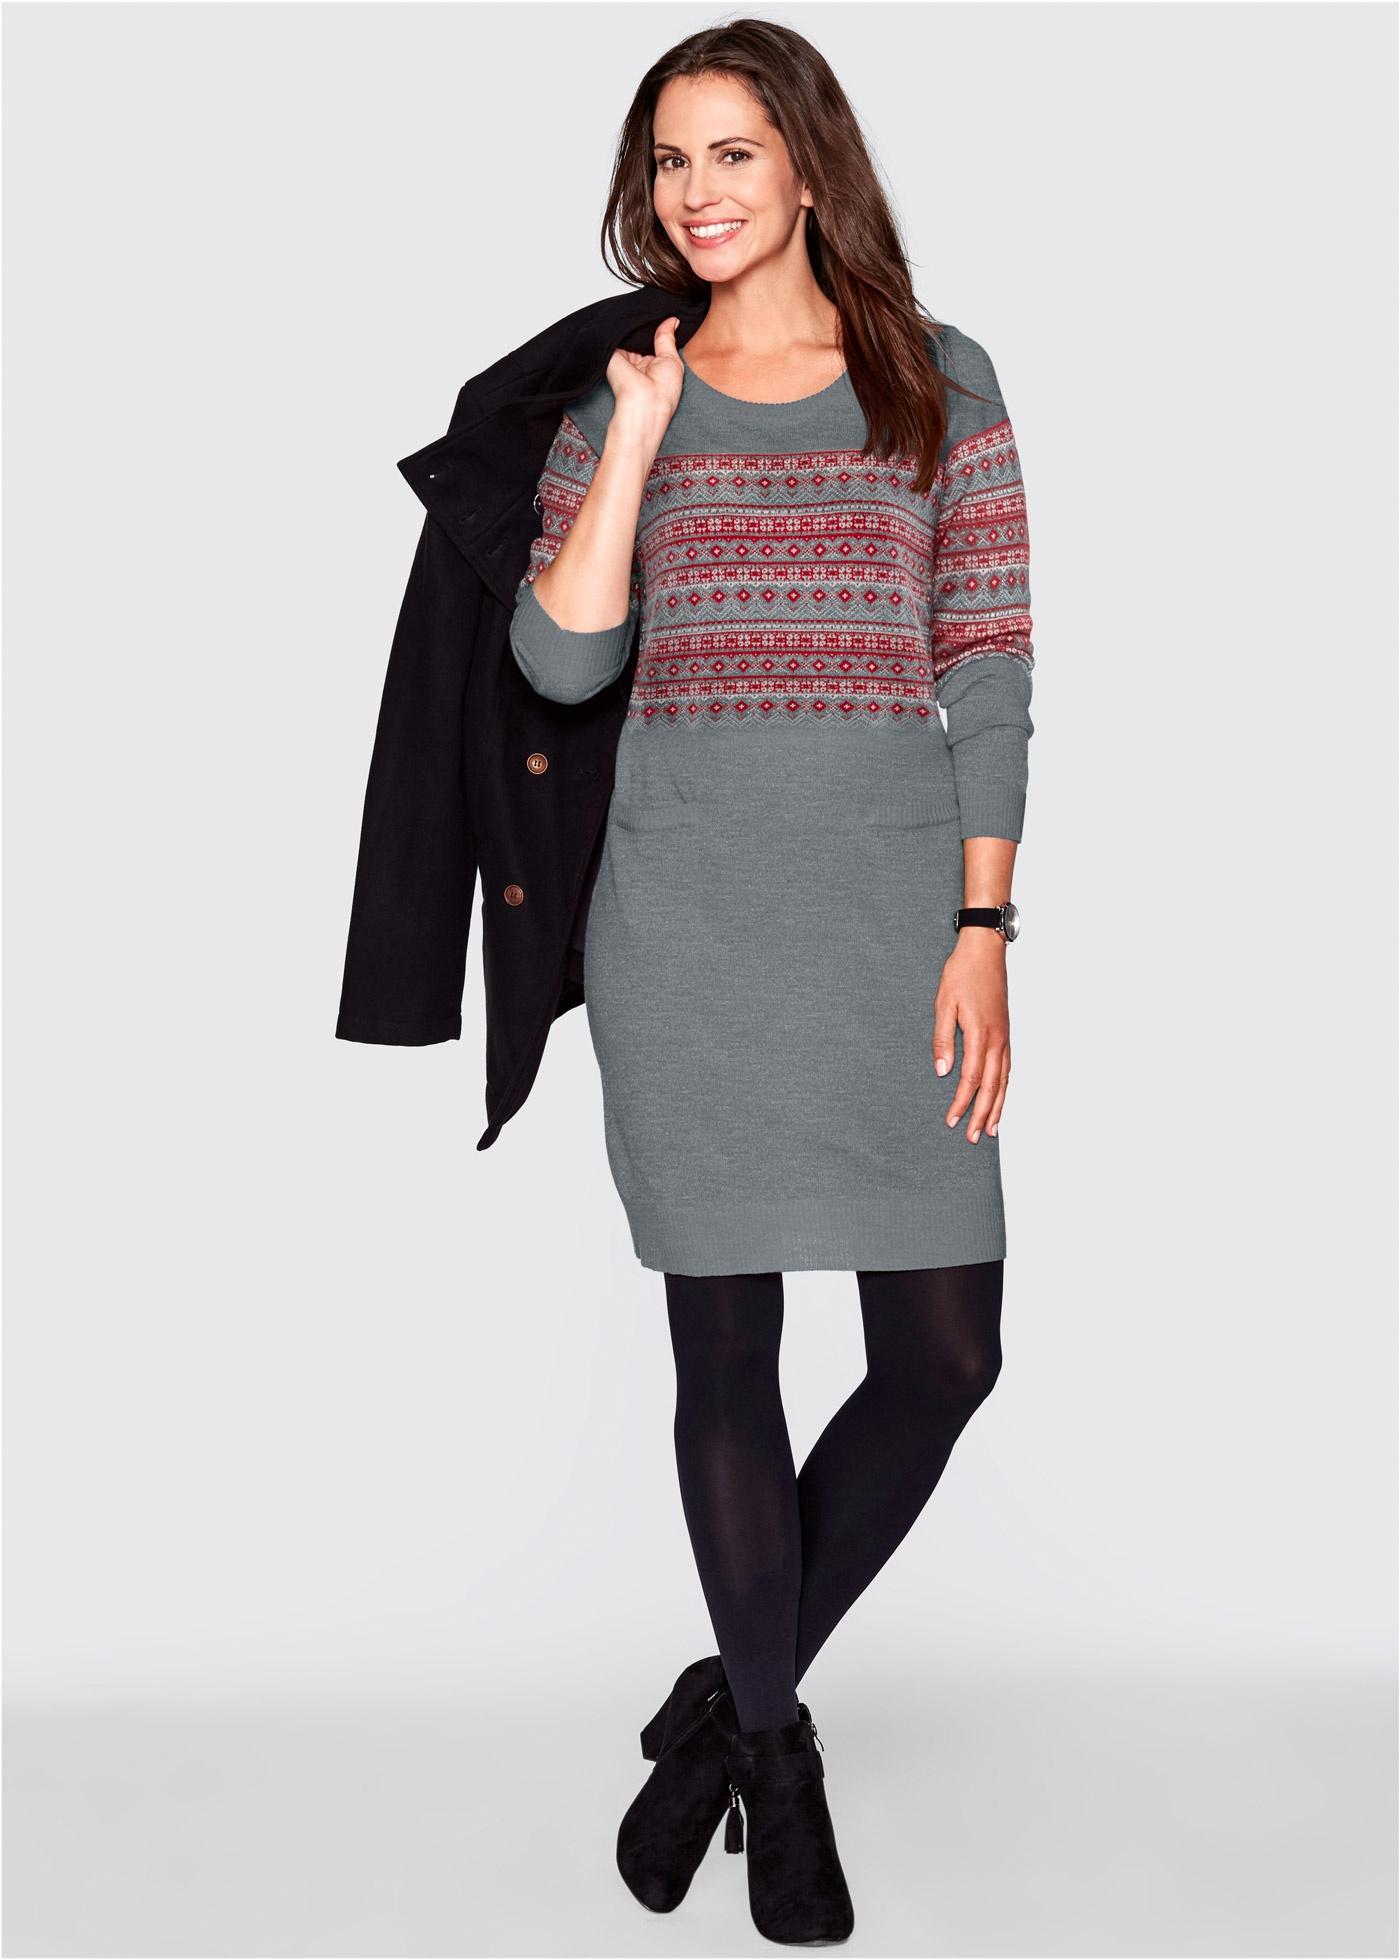 Stickad klänning, bpc bonprix collection, gråmelerad, mönstrad